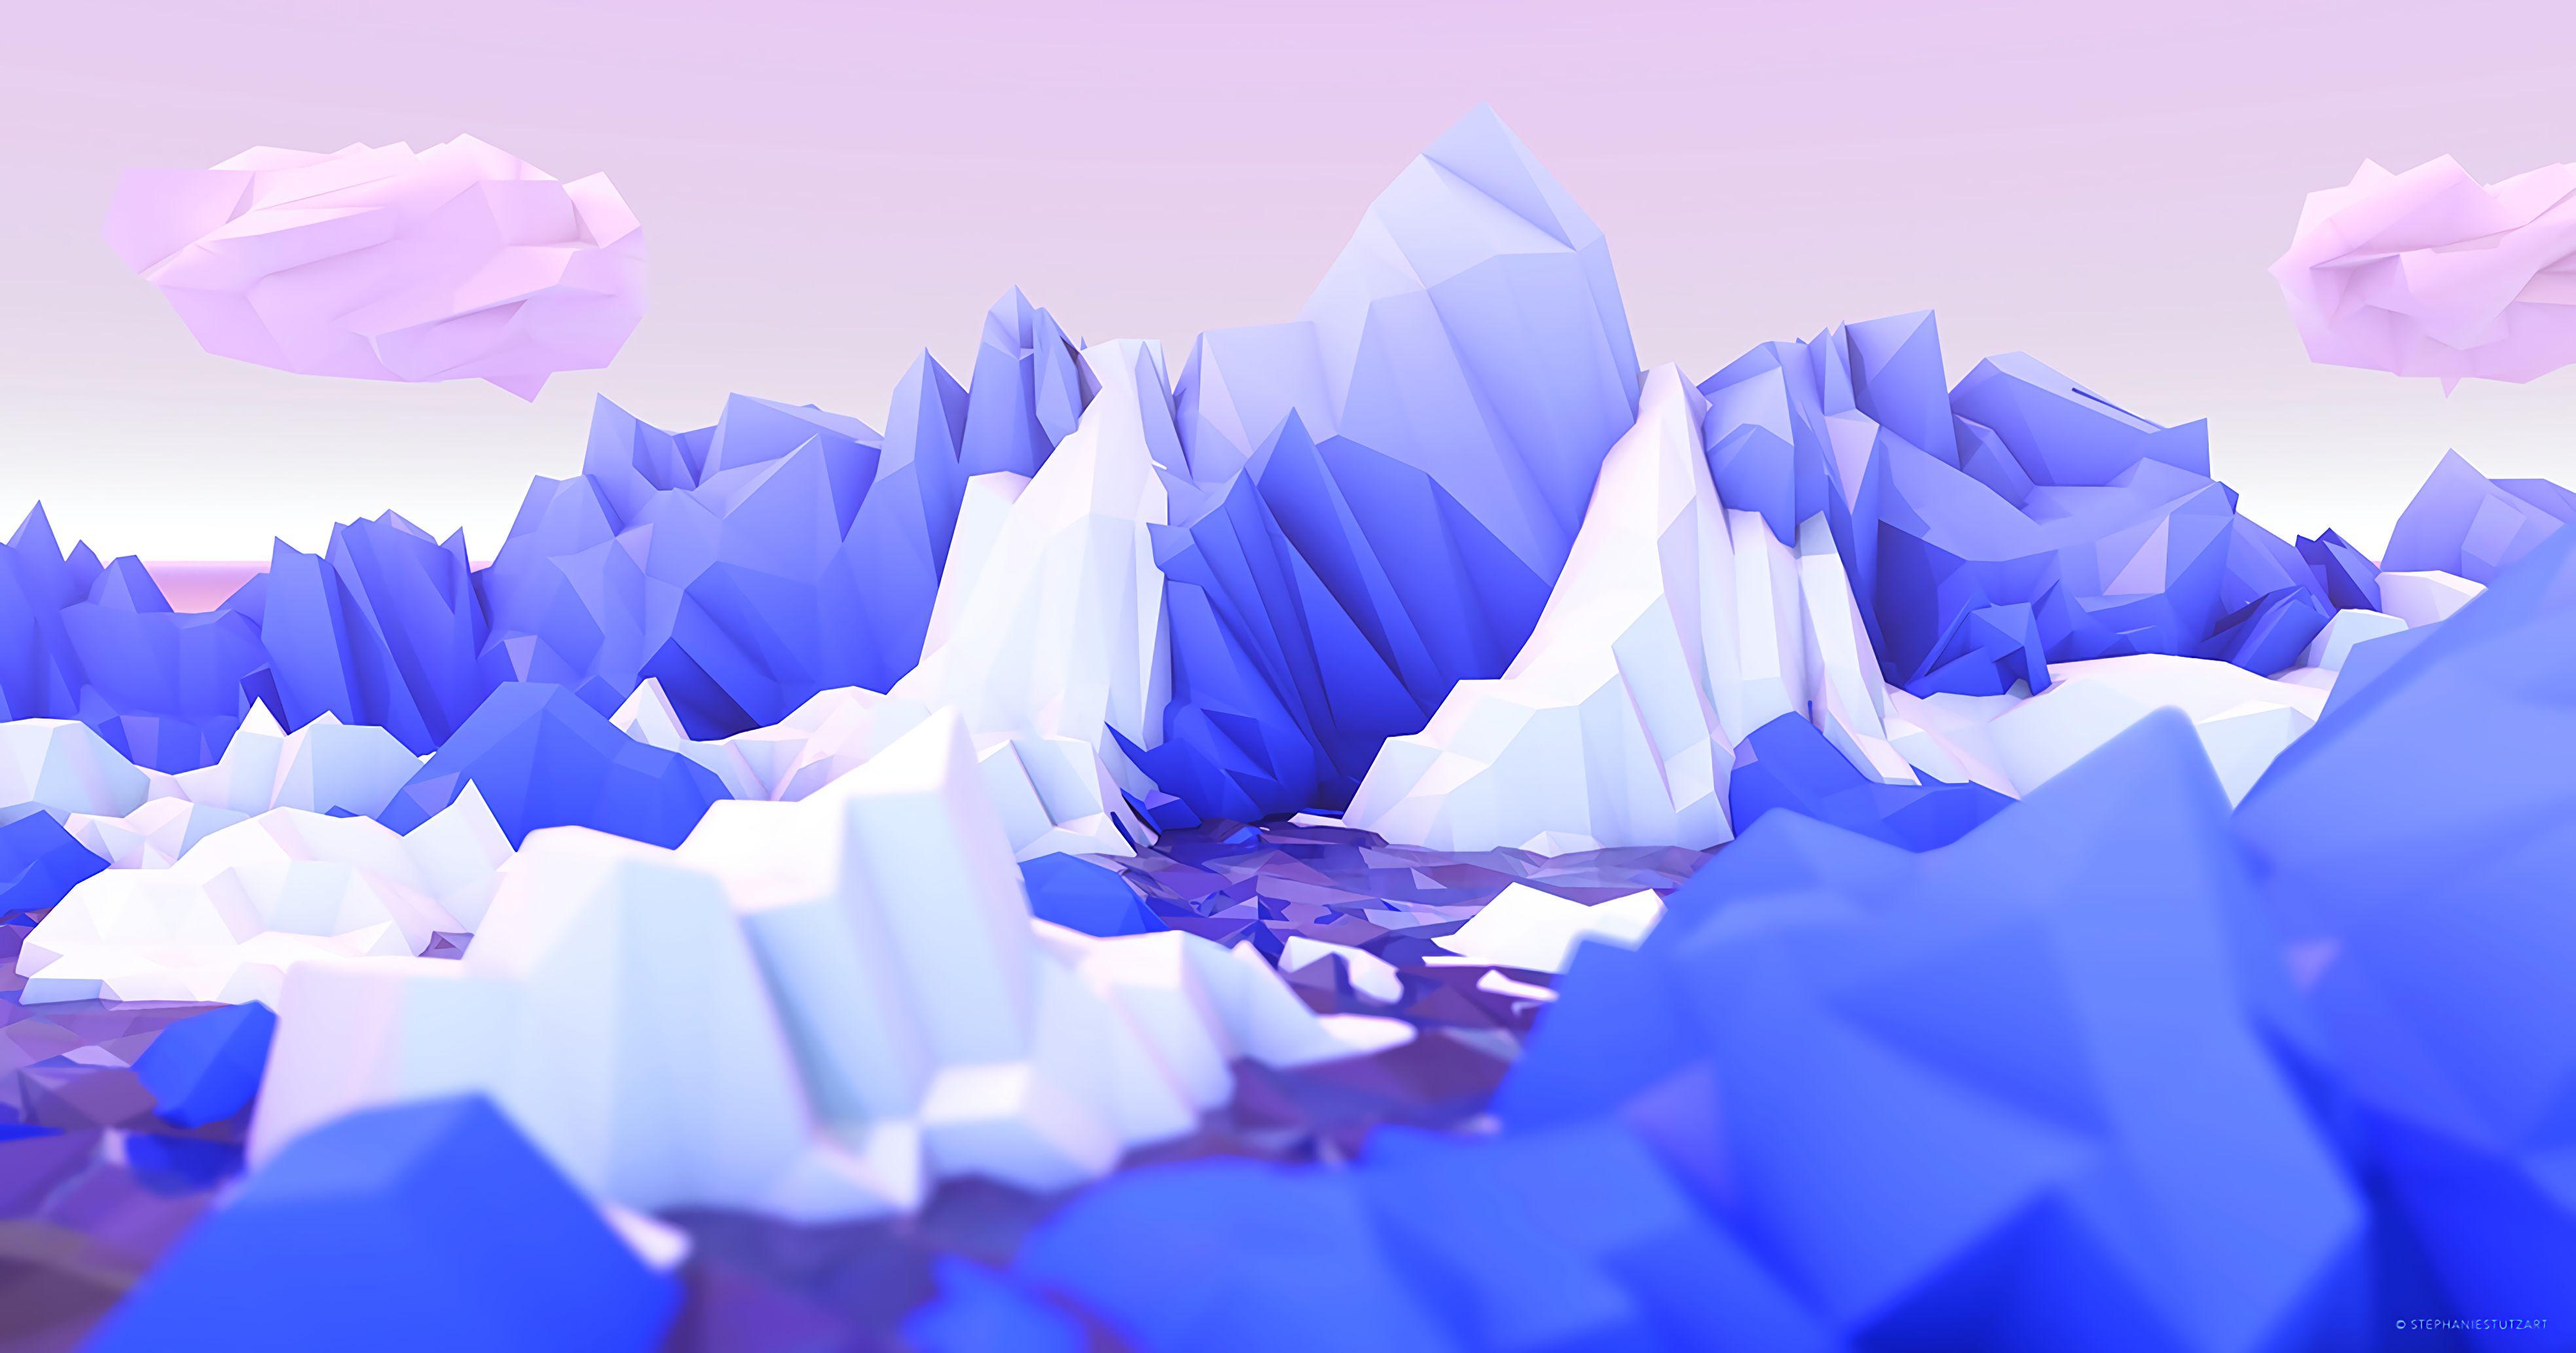 133939 économiseurs d'écran et fonds d'écran Montagnes sur votre téléphone. Téléchargez 3D, Montagnes, Art, Lilas, Polygone images gratuitement